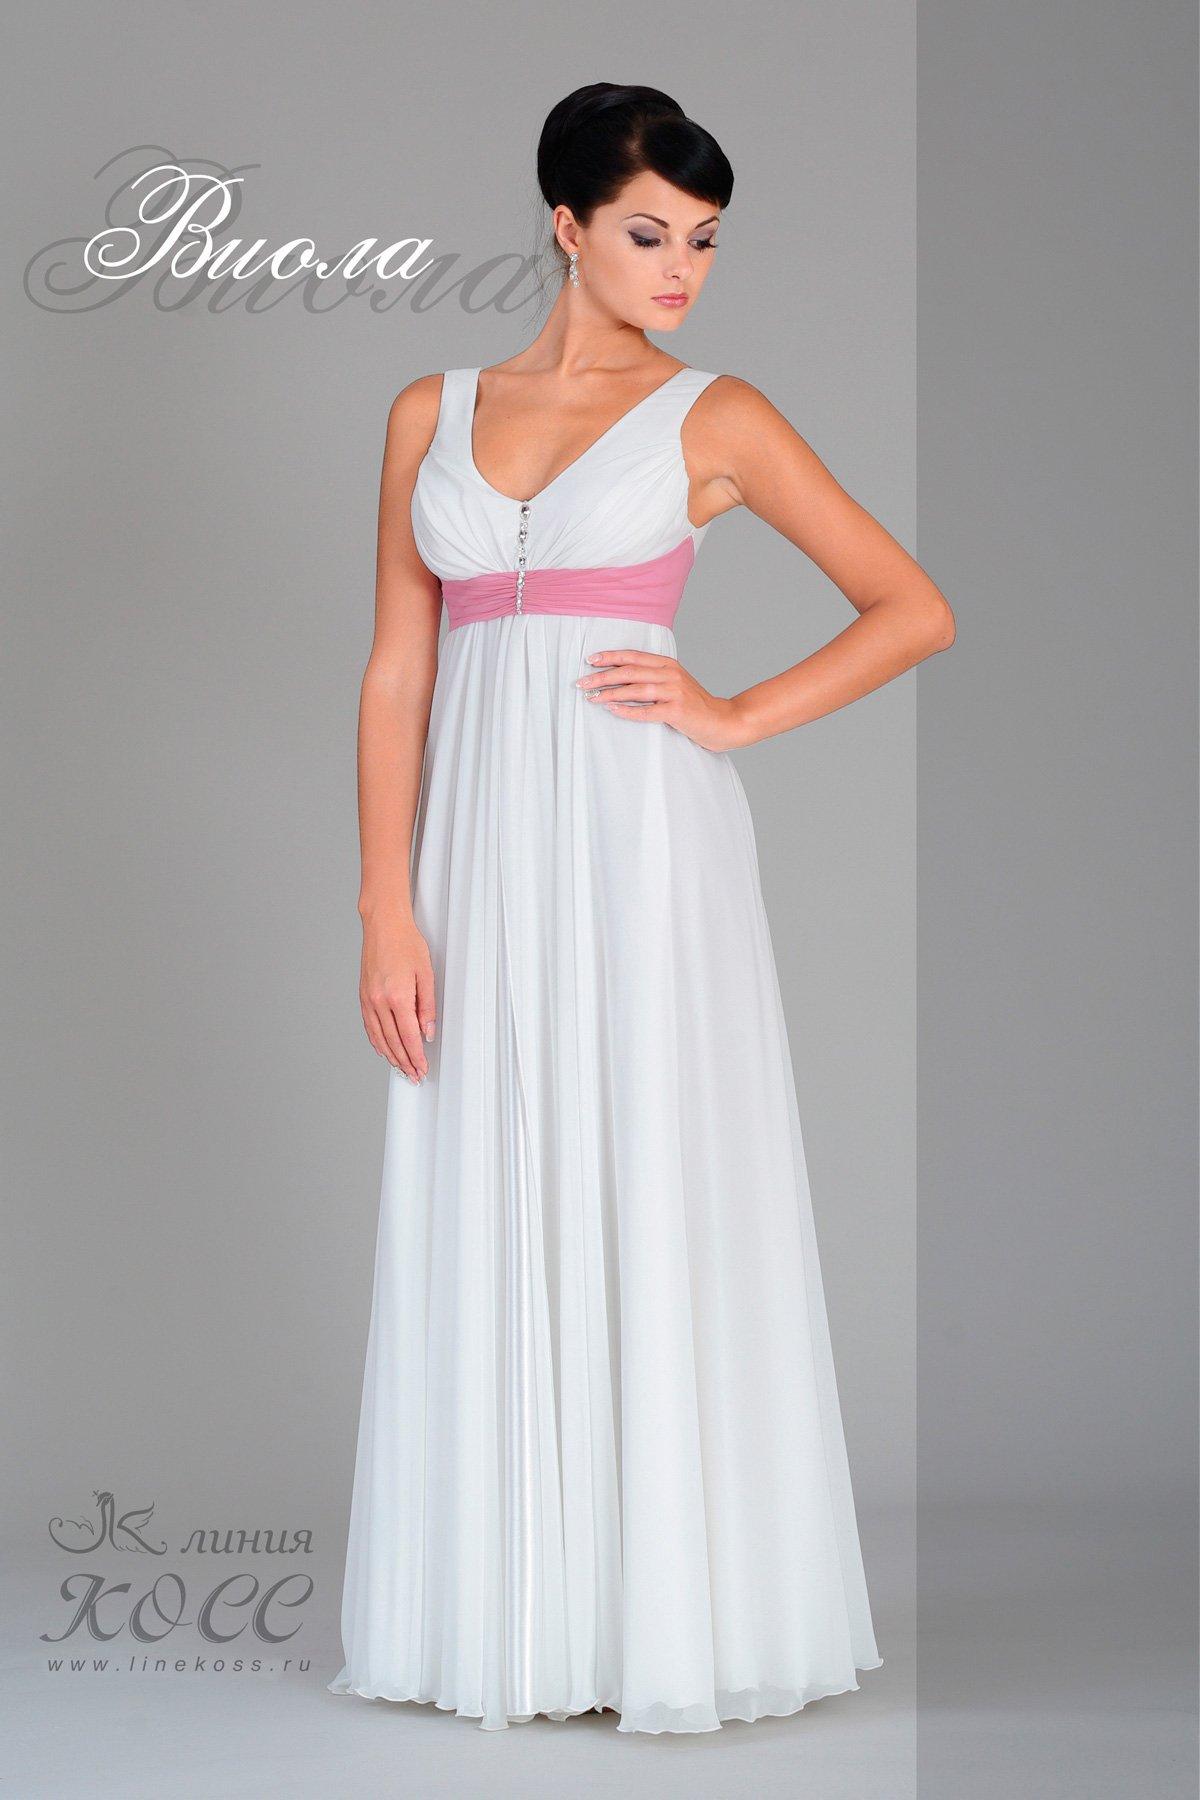 Вечерние платья для беременных во владимире 26